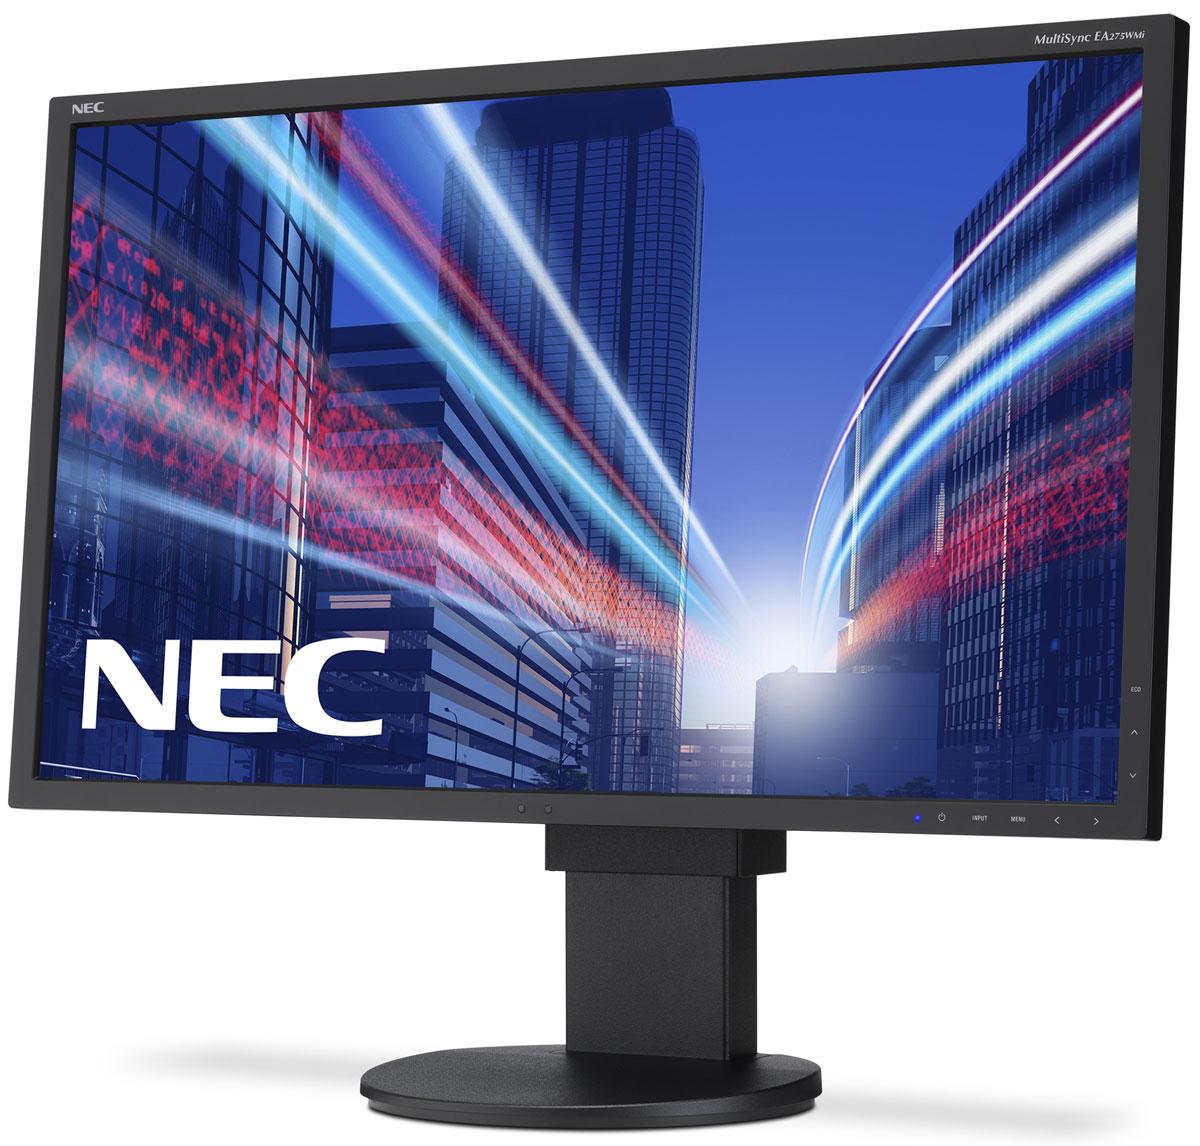 NEC EA275WMi, Black монитор60003813Модель NEC EA275WMi обладает очень тонкой 27 IPS-панелью со светодиодной подсветкой и разрешением 2560 x 1440, что обеспечивает ультрасовременный и тонкий дизайн. Датчик рассеянного света и датчик присутствия являются стандартными характеристиками данной модели, кроме того, модель обладает улучшенными эргономическими характеристиками, например, механизмом регулирования высоты до 130 мм. Эргономическое исполнение данного дисплея дополняется отличным качеством изображения. Дисплей также располагает перспективными возможностями соединения с 4 коннекторами: DisplayPort, HDMI и выходом DisplayPort.Идеальный набор функциональных возможностей для офисной эксплуатации - встроенные динамики, гнездо для подключения наушников и USB-хаб обеспечивают отличные опции для офисной коммуникации.Датчик рассеянного света - благодаря функции автоматической яркости Auto Brightness всегда можно оптимизировать уровень яркости в зависимости от освещения и условий изображения.Датчик присутствия человека - определяет присутствие человека перед экраном и автоматически включает или выключает экран для экономии электроэнергии.